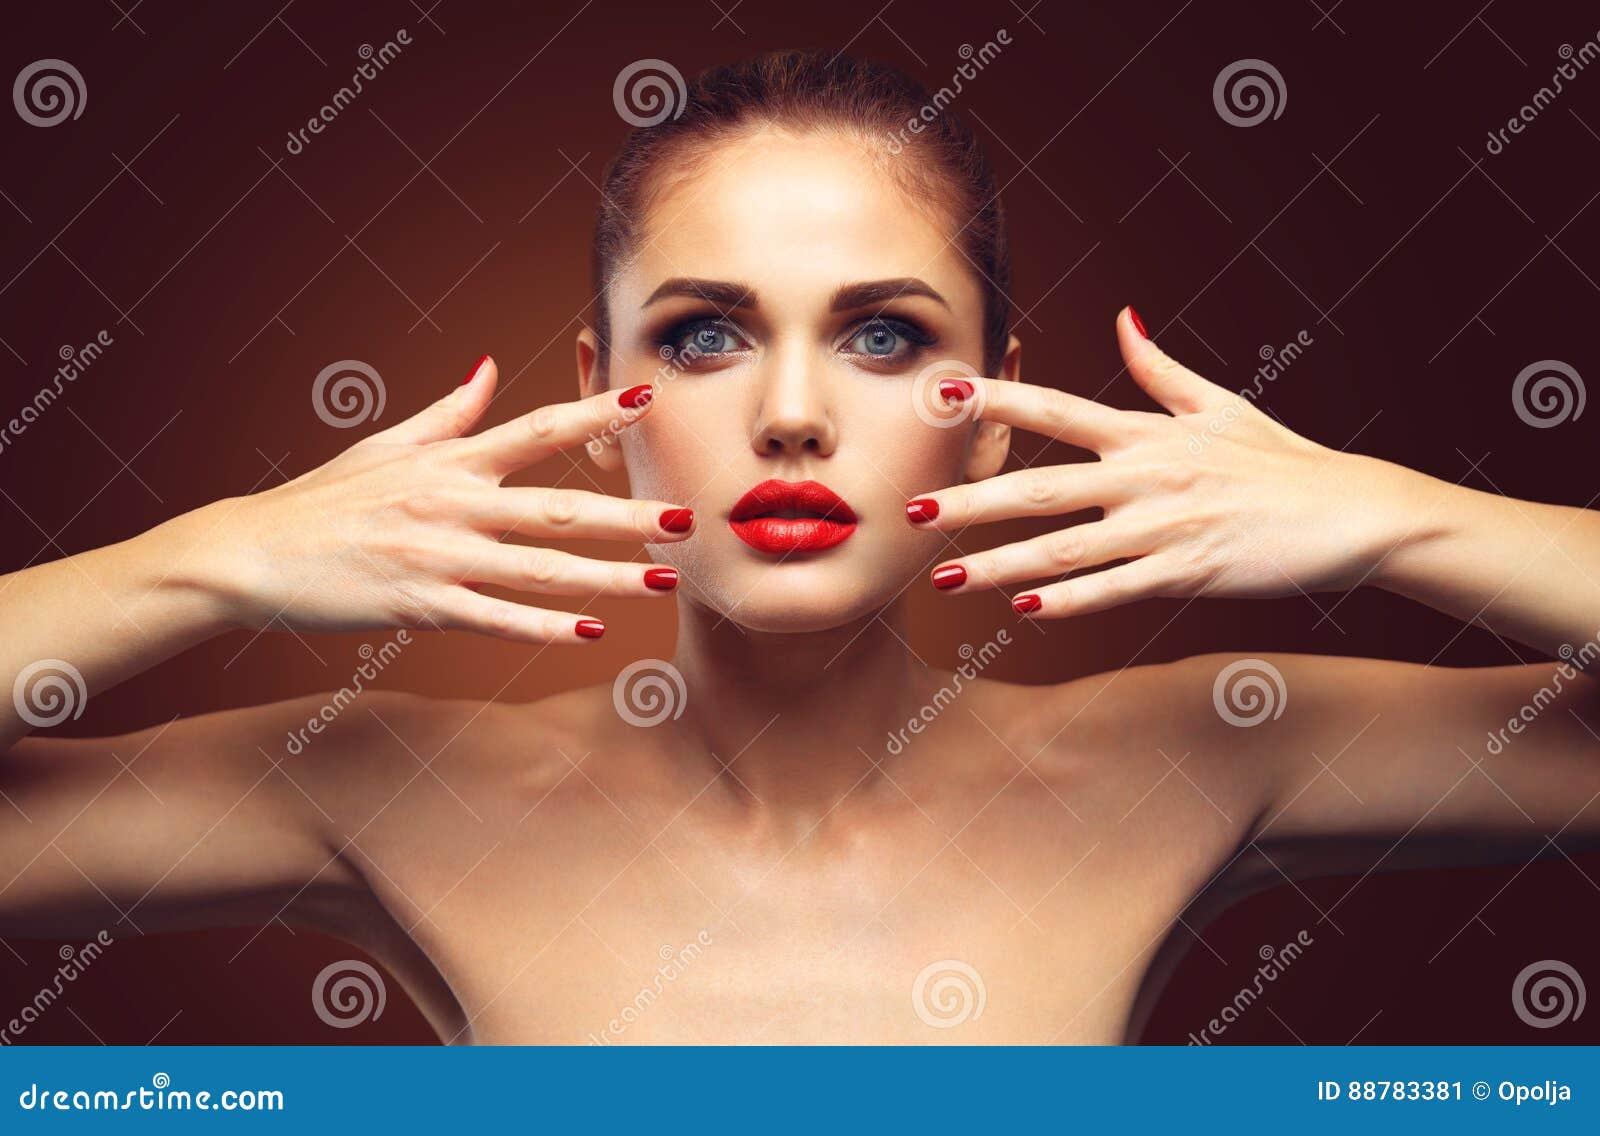 Schoonheid ModelWoman met Lang Bruin Golvend Haar Gezond Haar en Mooie Professionele Make-up E